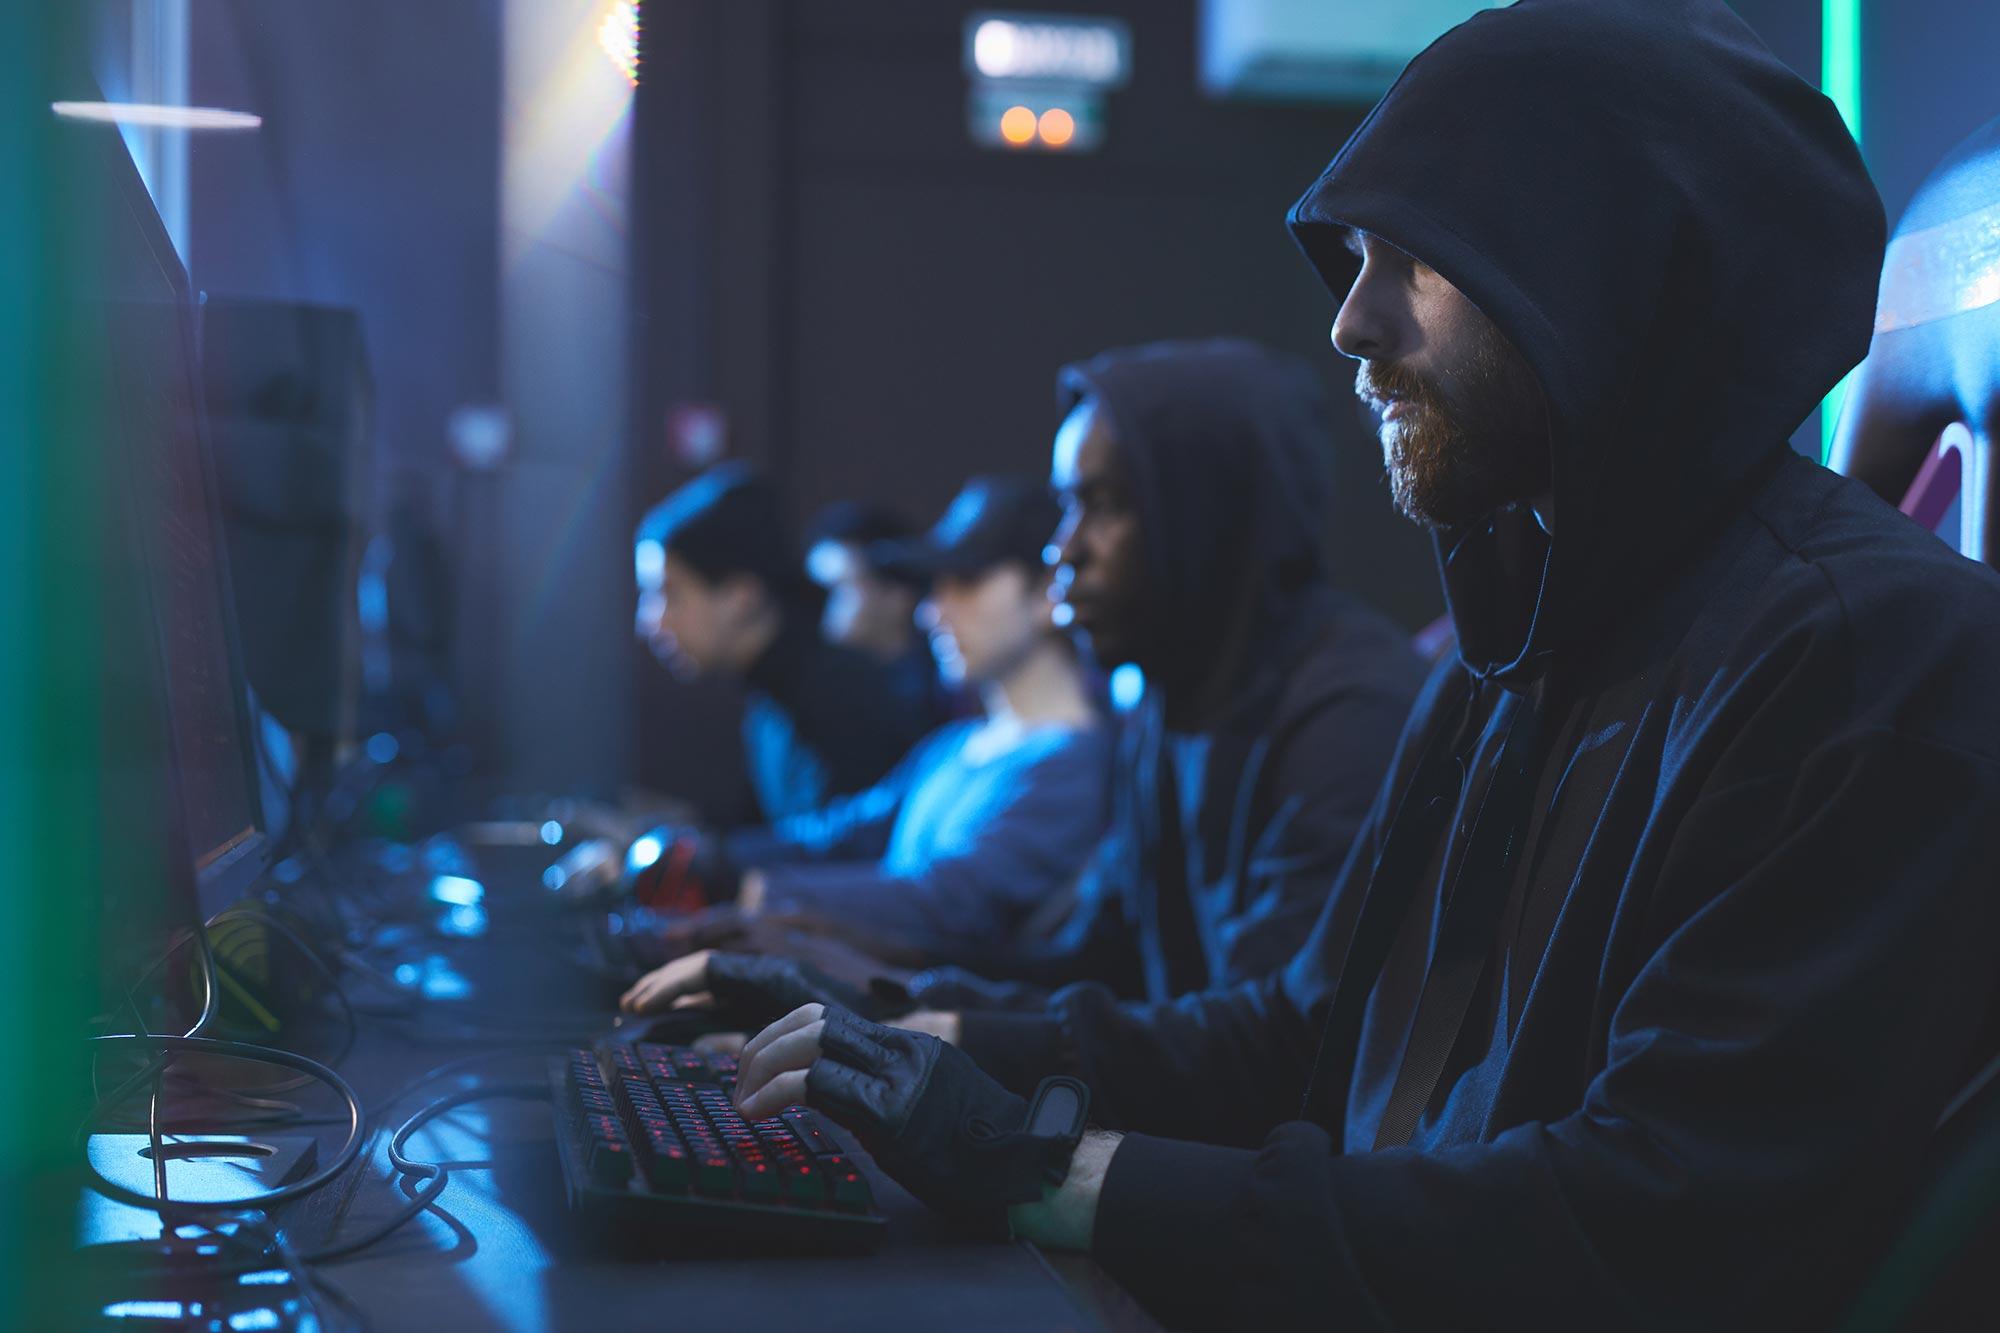 Проконсультируйтесь с юристом:мошенничества в интернете